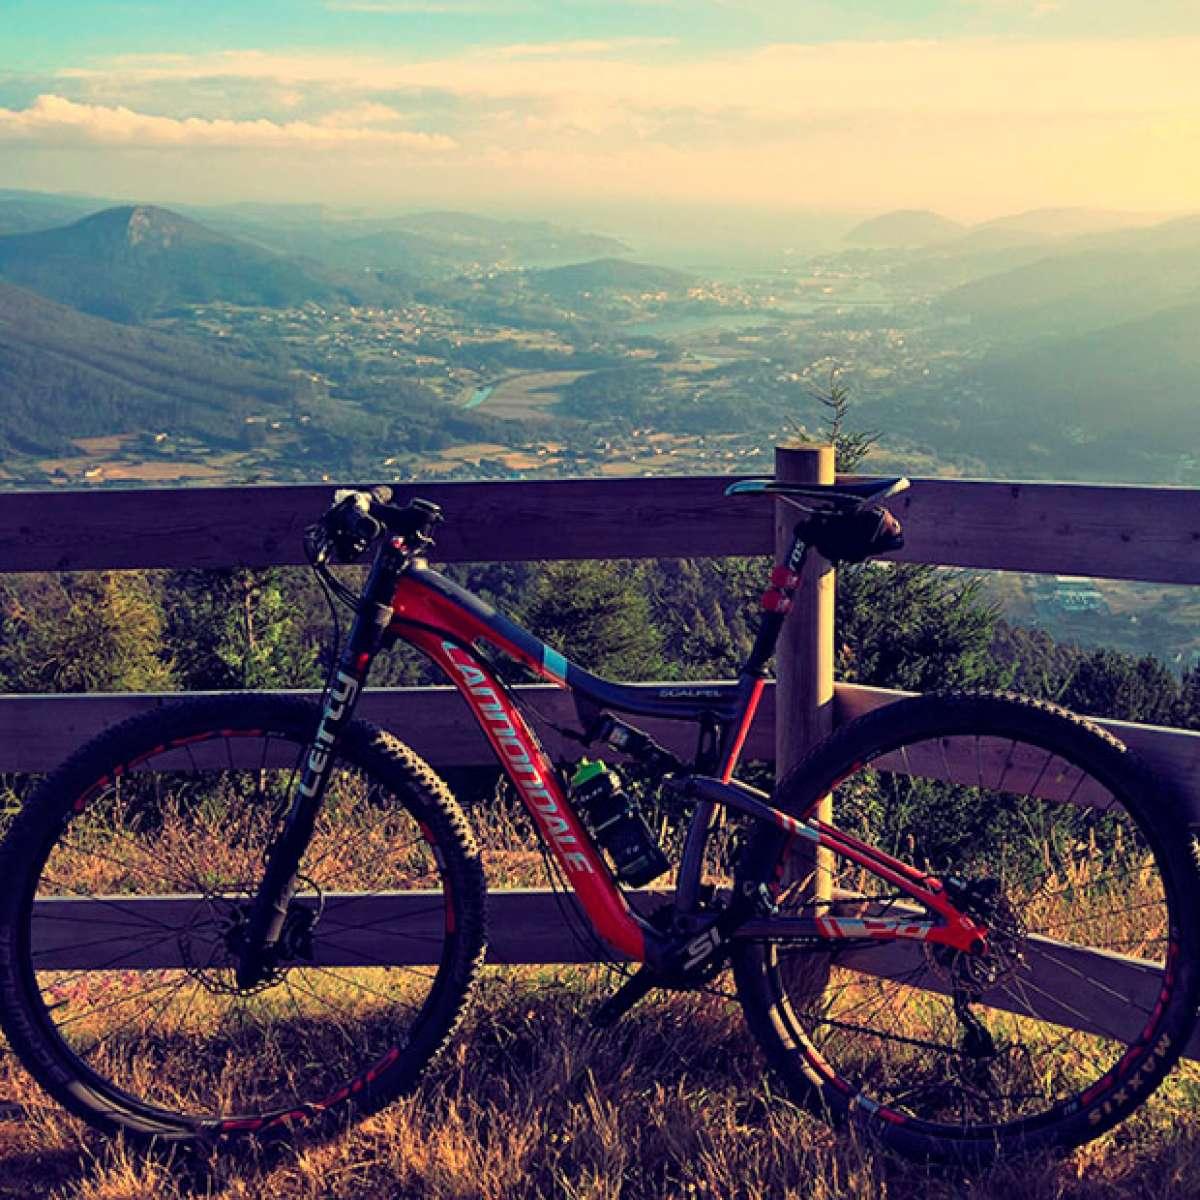 En TodoMountainBike: La foto del día en TodoMountainBike: 'Monte Castelo'